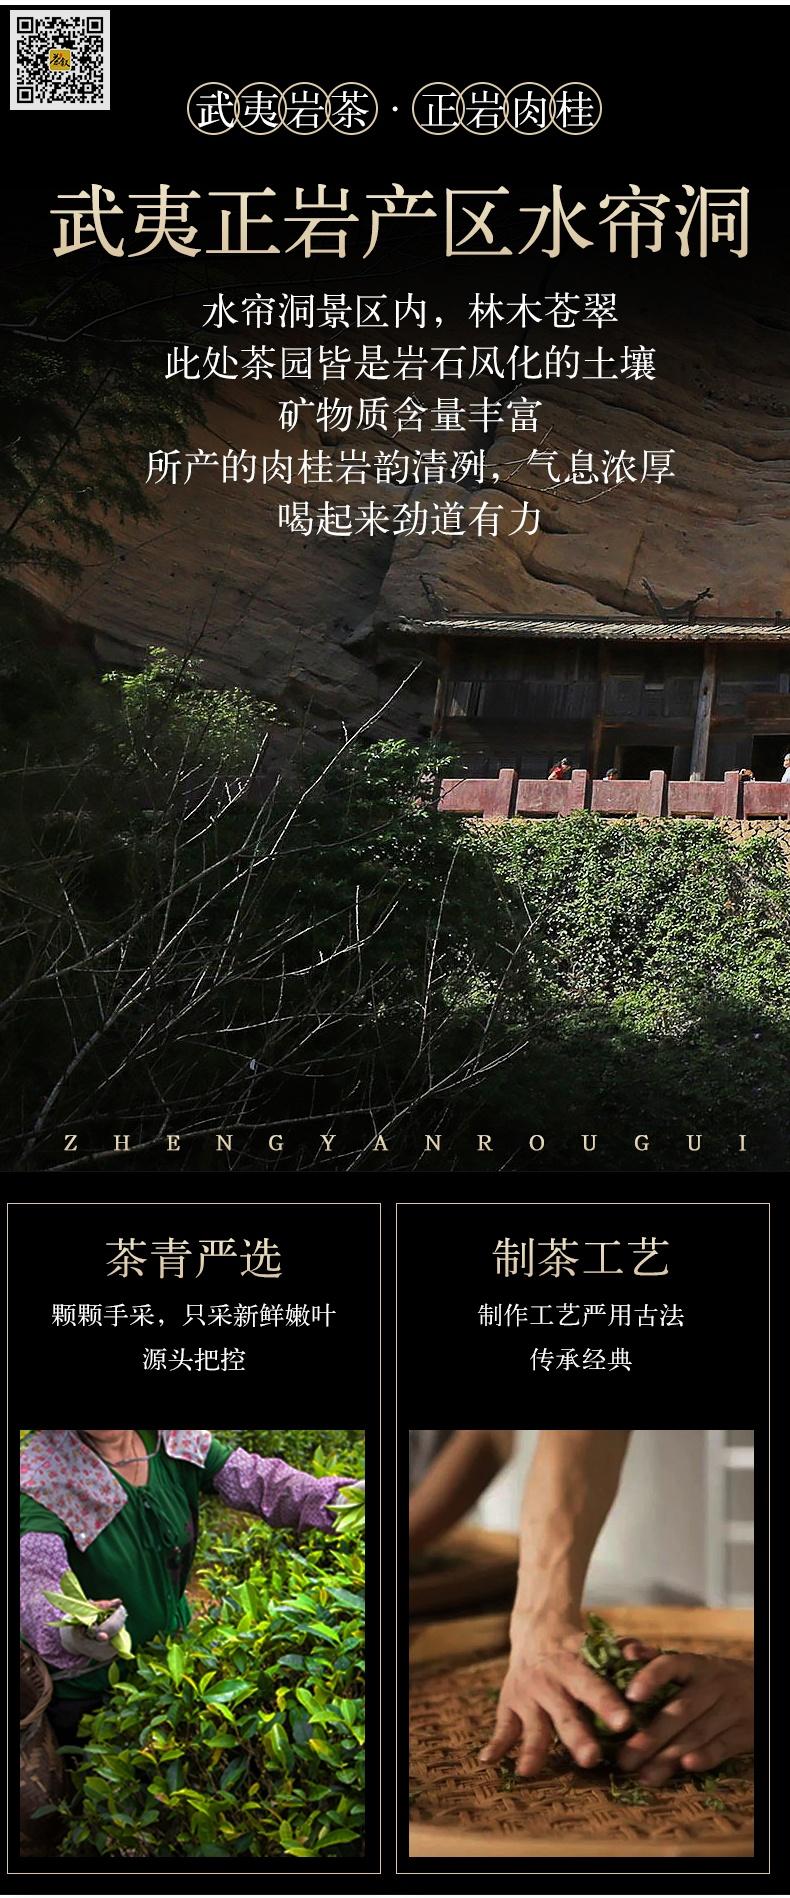 商务礼品正岩肉桂-正岩山场介绍